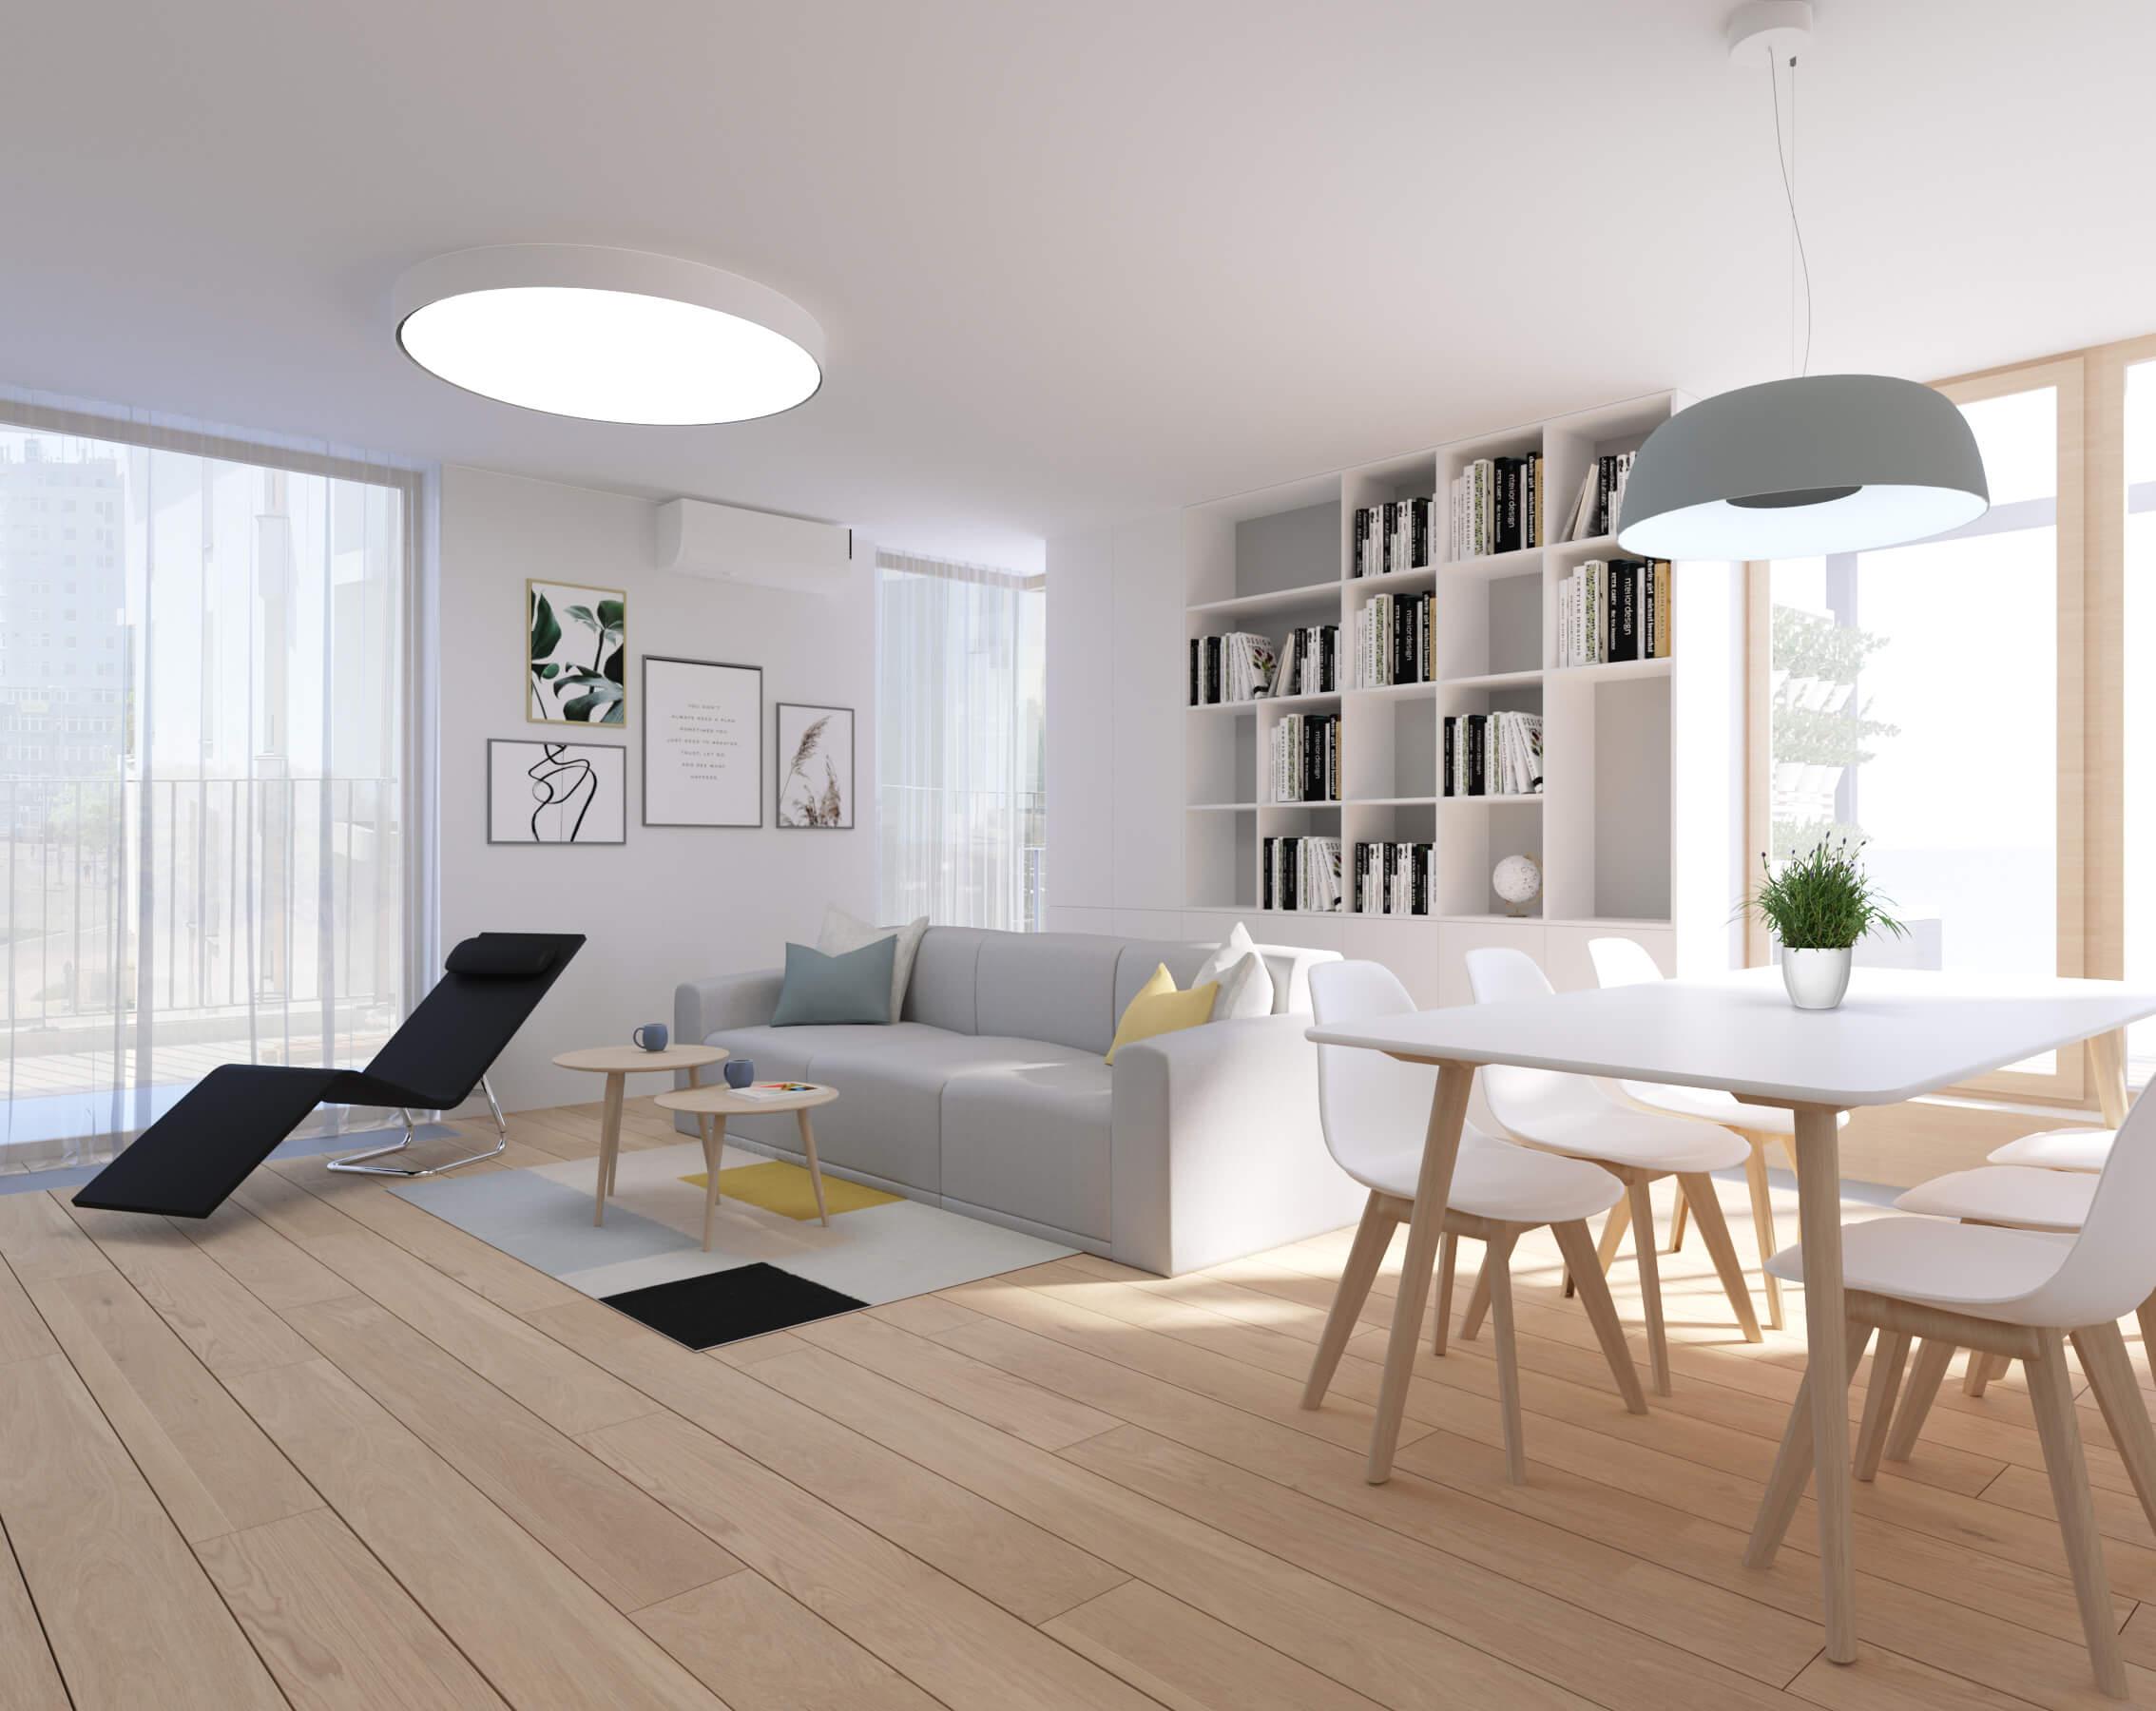 interierovy dizajn obývačka - bratislava, byty Nido